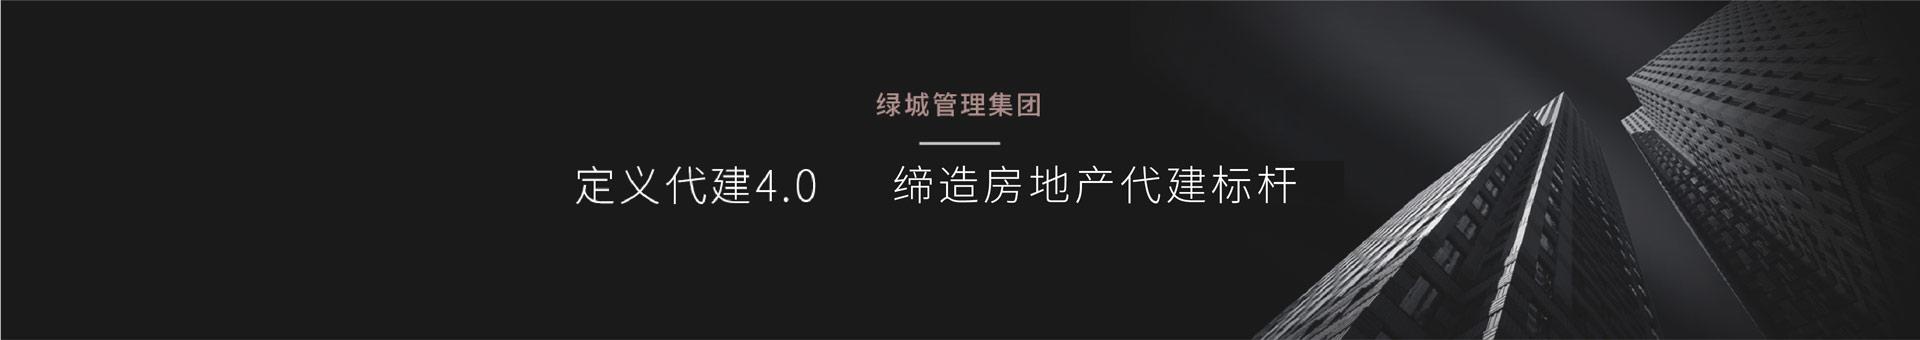 綠城(cheng)管理(li)集(ji)團的品牌策劃案例(li),自達(da)成合(he)xian)饕岳lai),綠城(cheng)管理(li)集(ji)團擴張迅(xun)猛,目(mu)前(qian)已成為房地產代建的標(biao)桿(gan)和旗幟